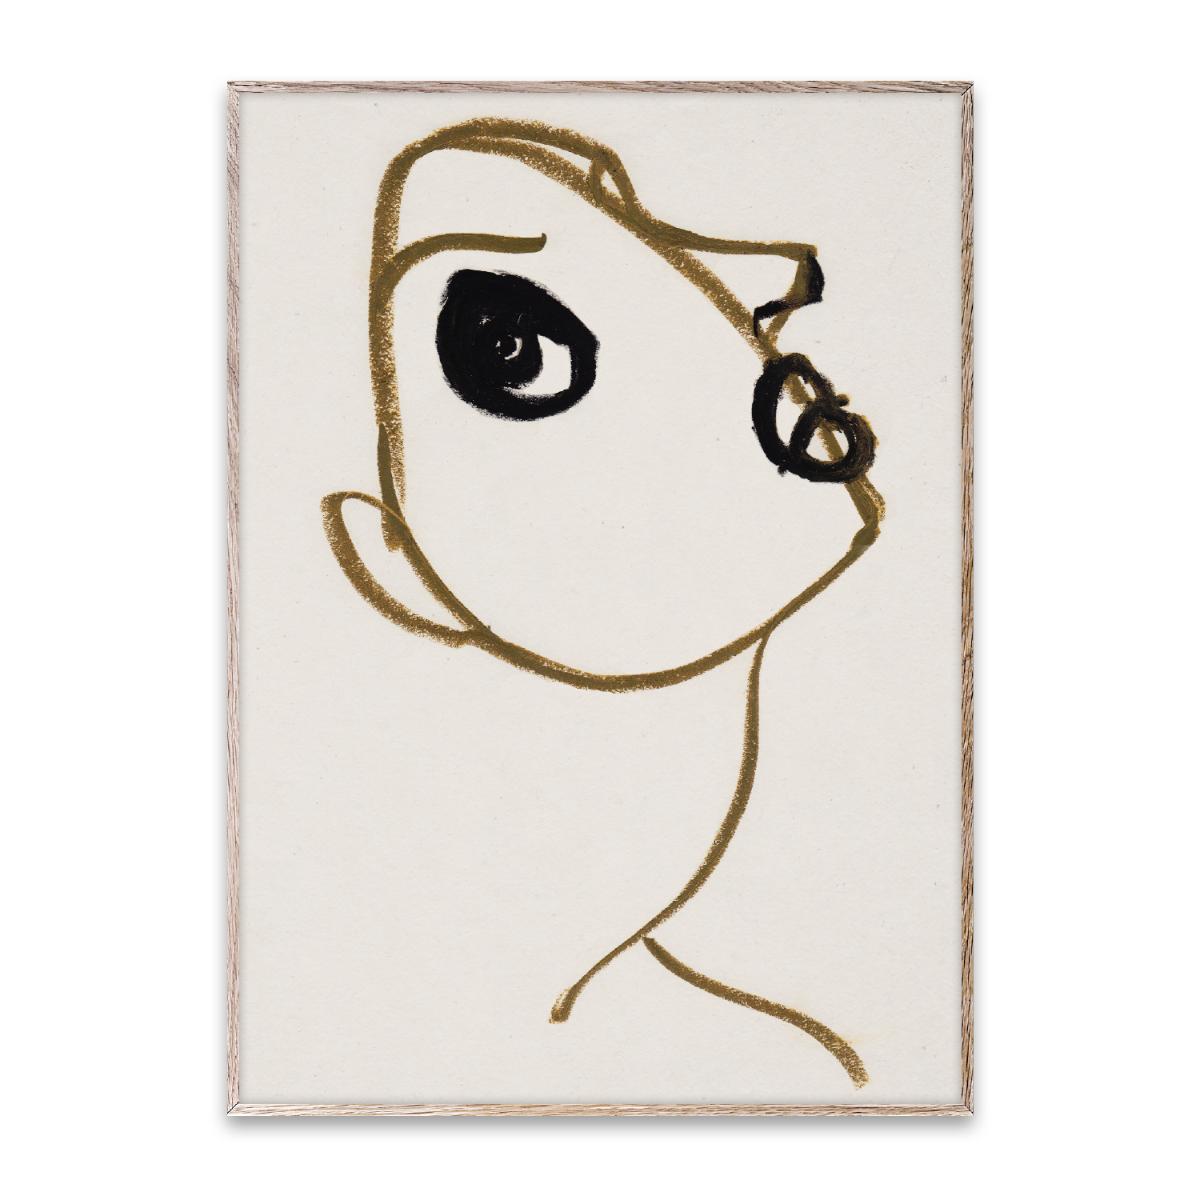 Designtorget Poster Silhouette 02 30x40 cm